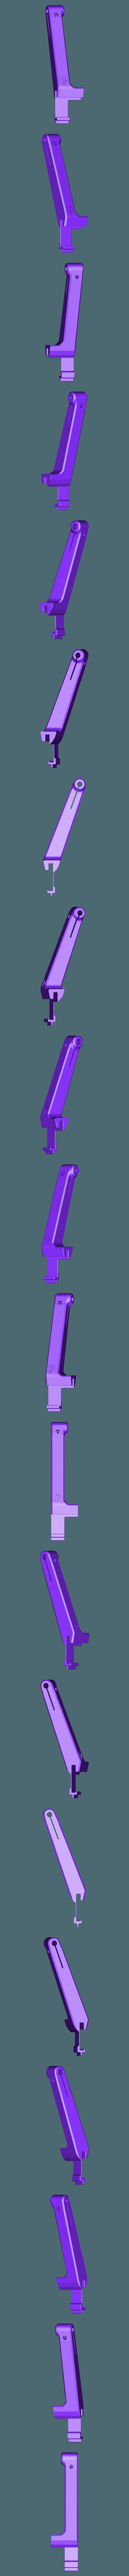 spool holder 8mm.stl Télécharger fichier STL gratuit Porte-bobine polyvalent pour Prusa MK2/3 (et cadres d'extrusion 2020)) • Design imprimable en 3D, Stamos